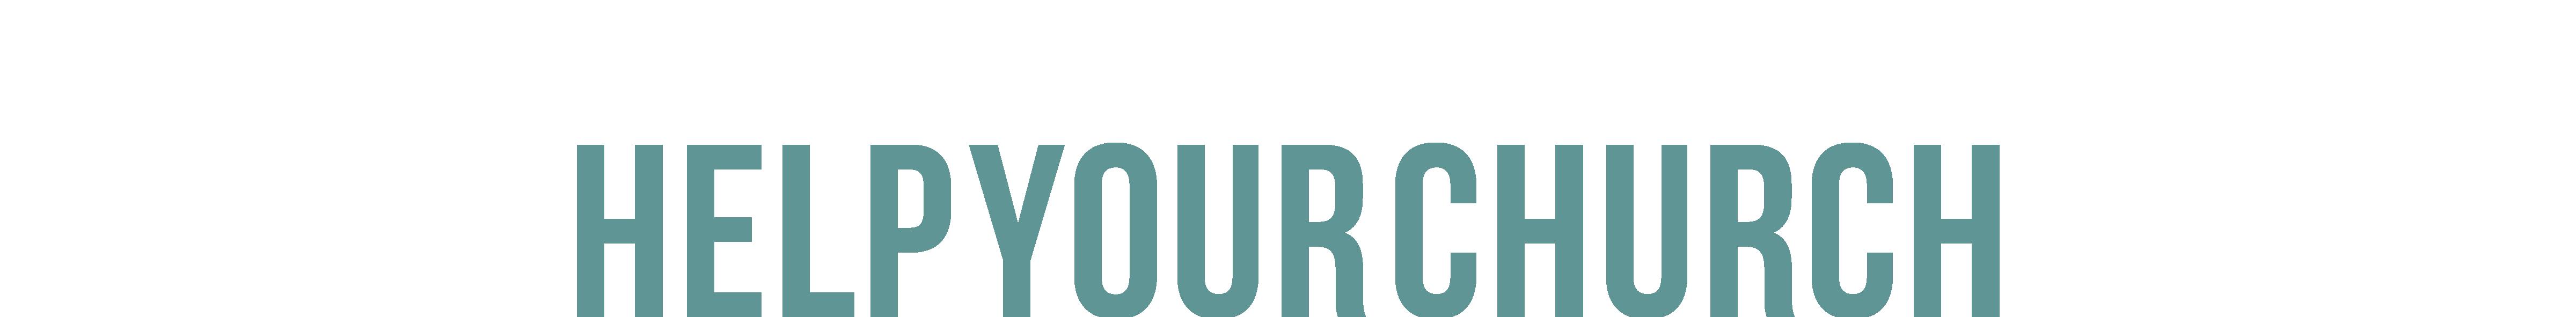 #HelpYourChurch